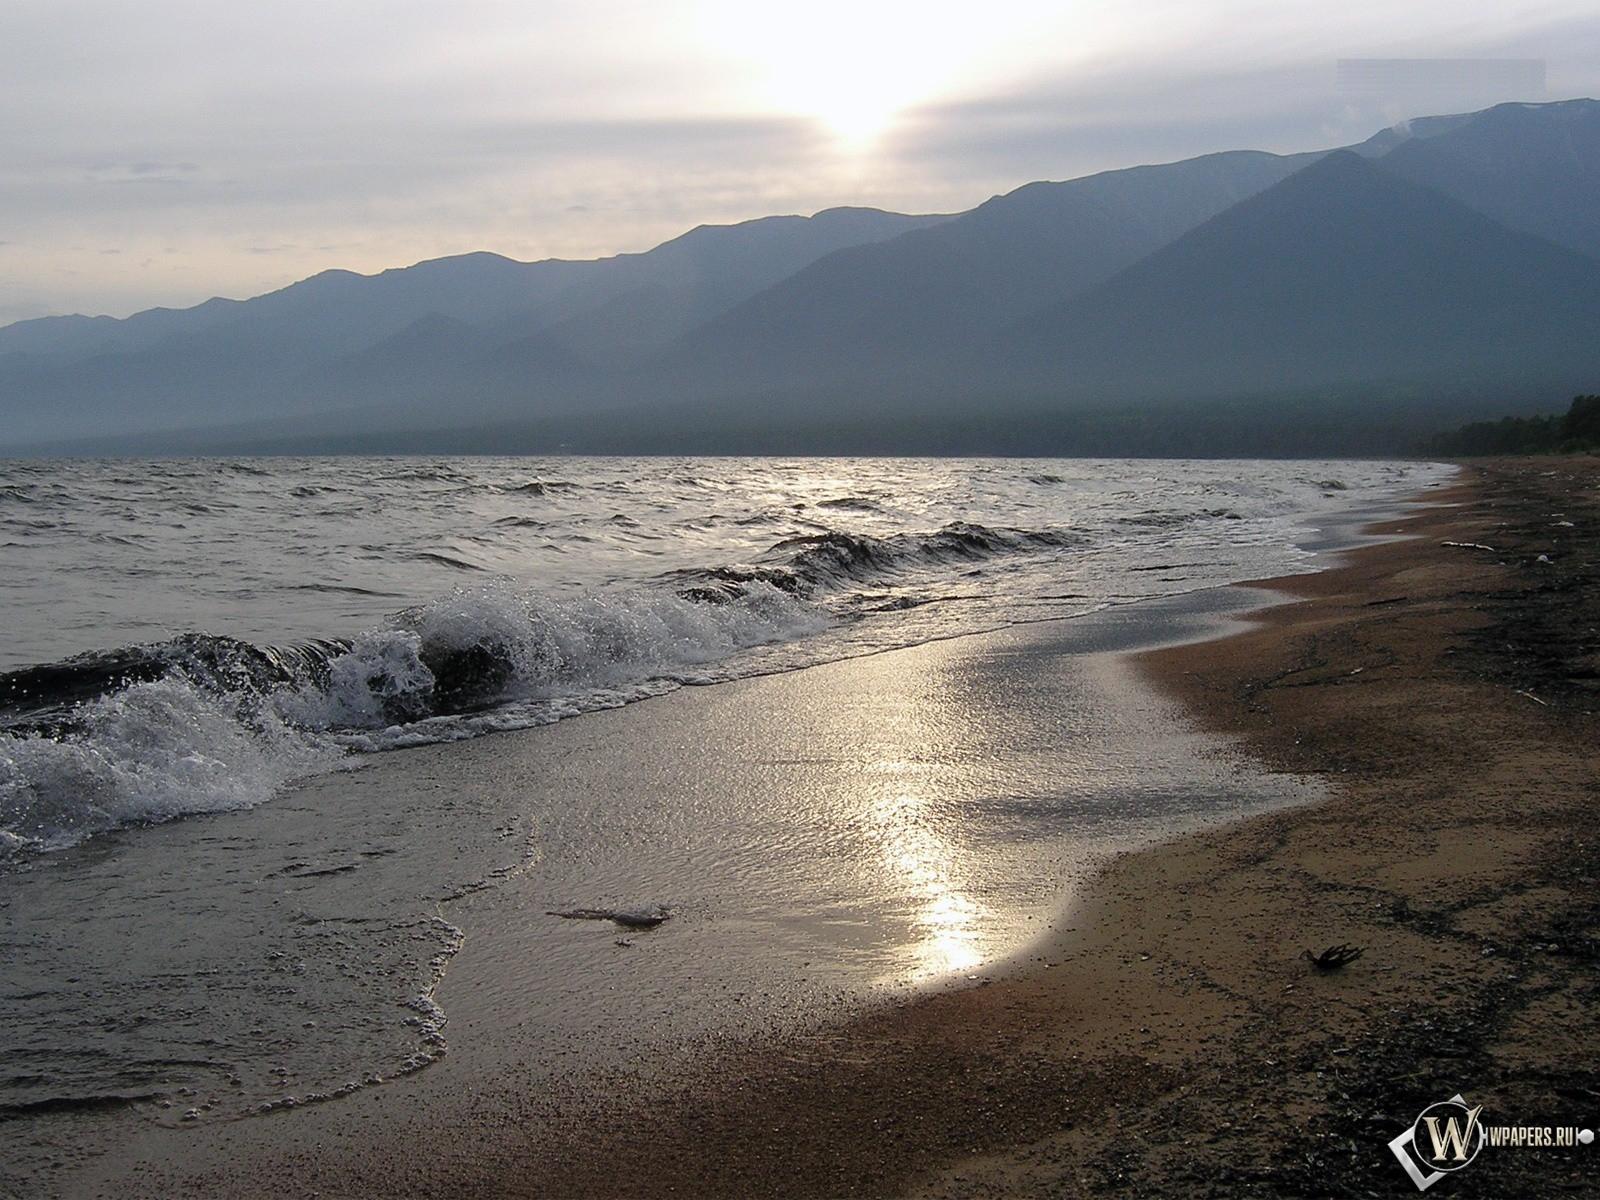 Волны на Байкале 1600x1200